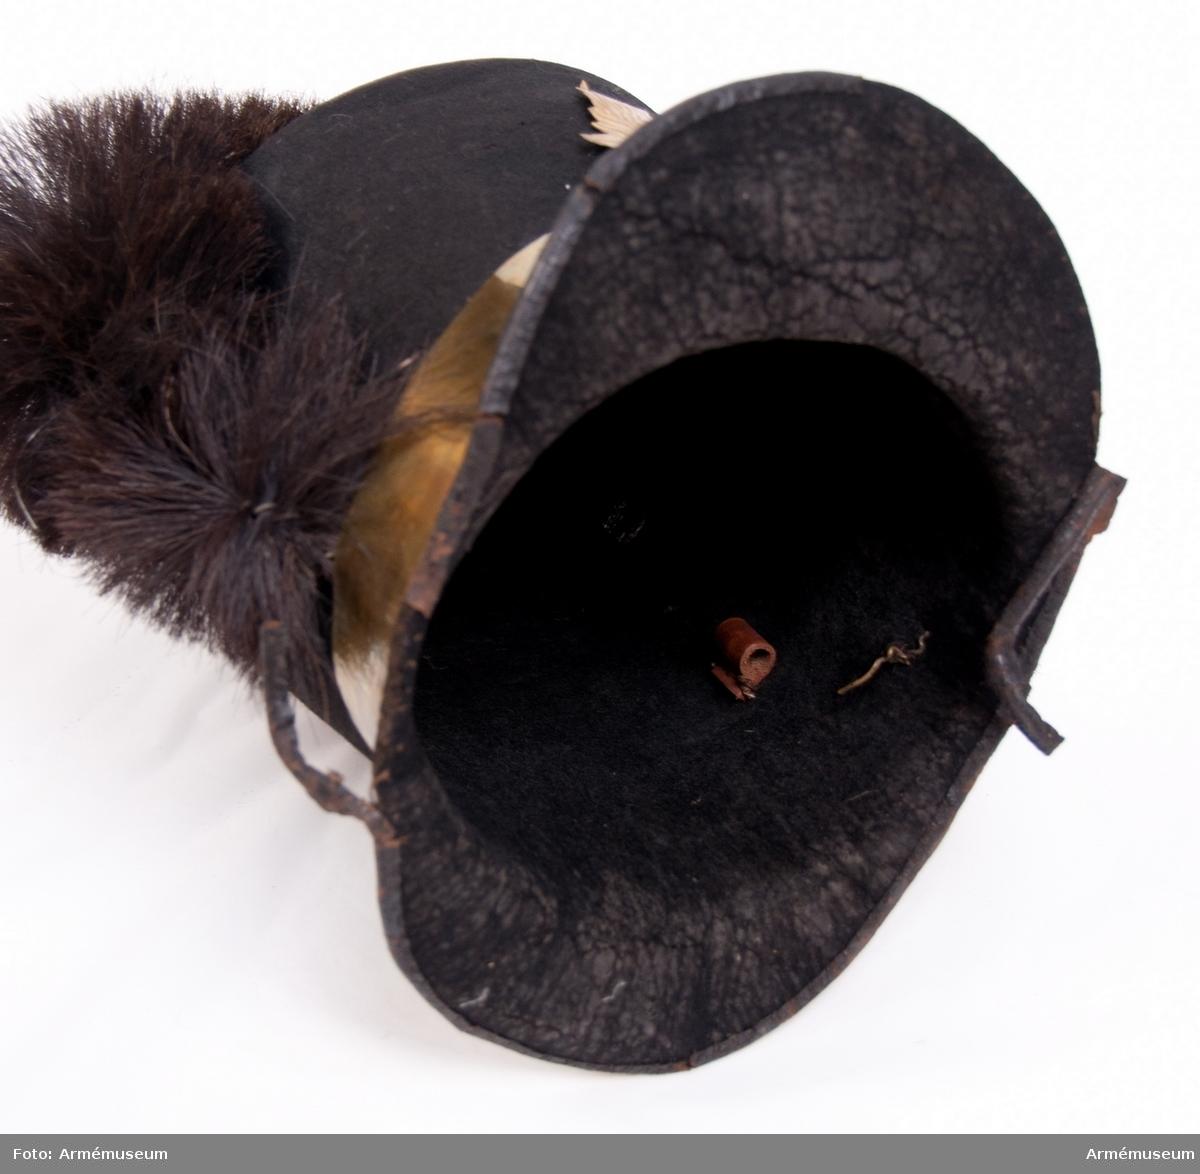 Grupp C I. Hatt av filt. Ur uniform fastställd 1814, för manskap vid Första och Andra Livgrenadjärreg:a 1816-31. Består av jacka, epåletter, byxor, huvudbonad, tagelliggare, plym, skor, damasker, skärp, patronkök, bandolärrem, axel- gehäng t huggare.